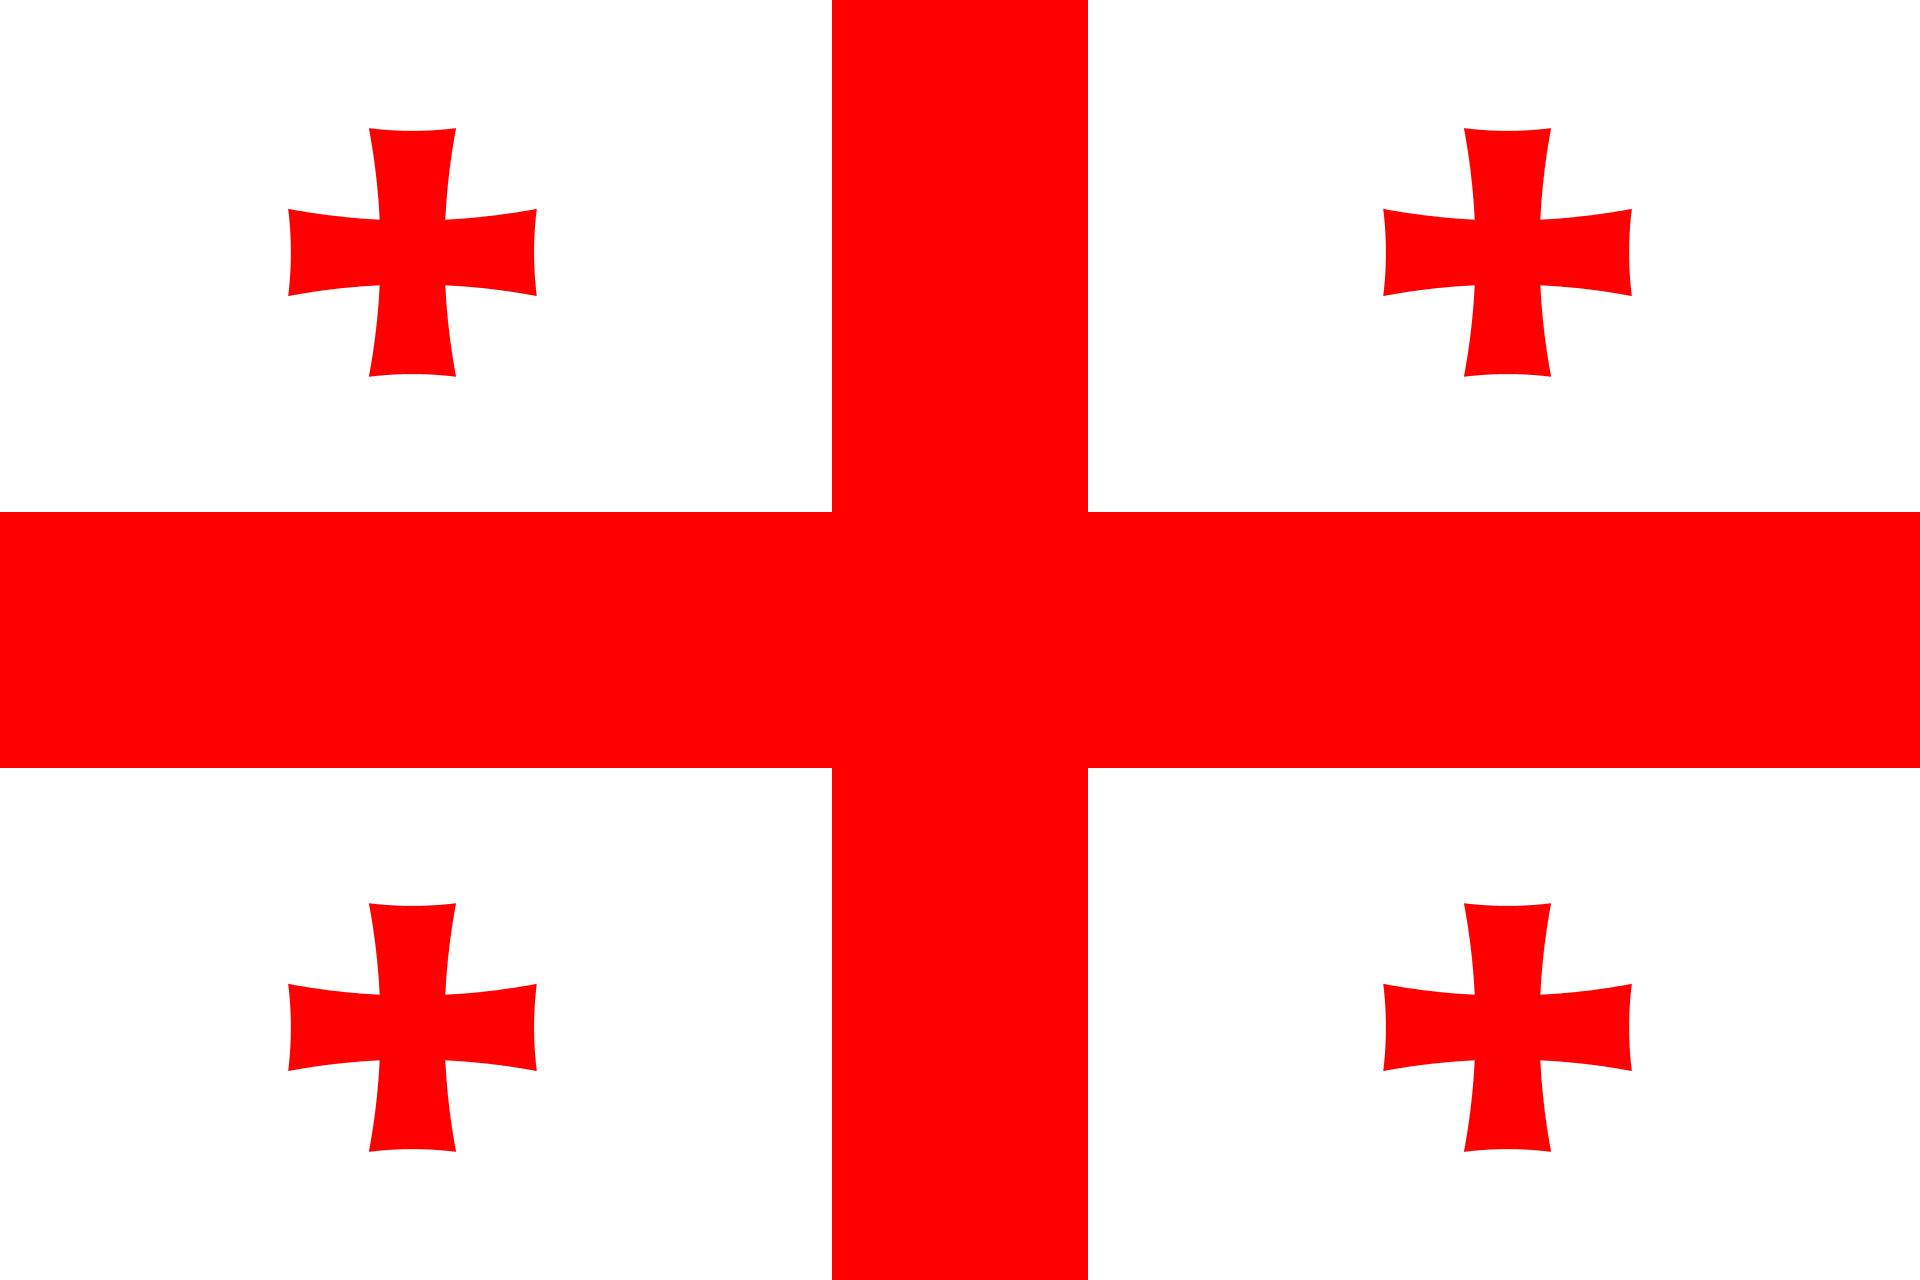 Georgia (country) Flag